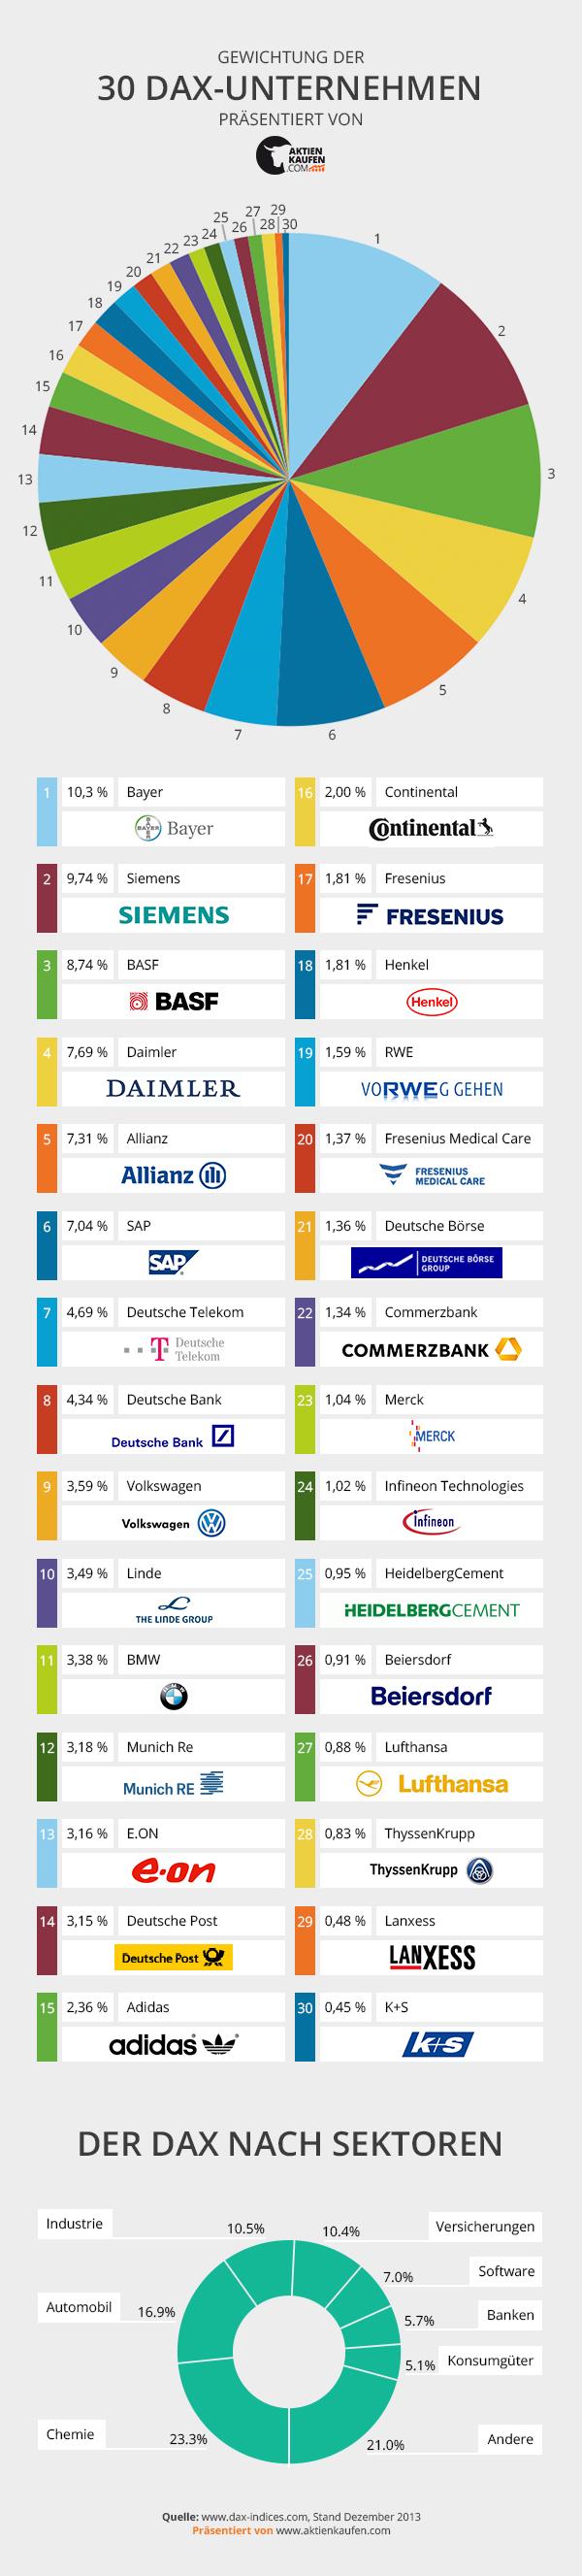 Dax 30 Unternehmen Liste